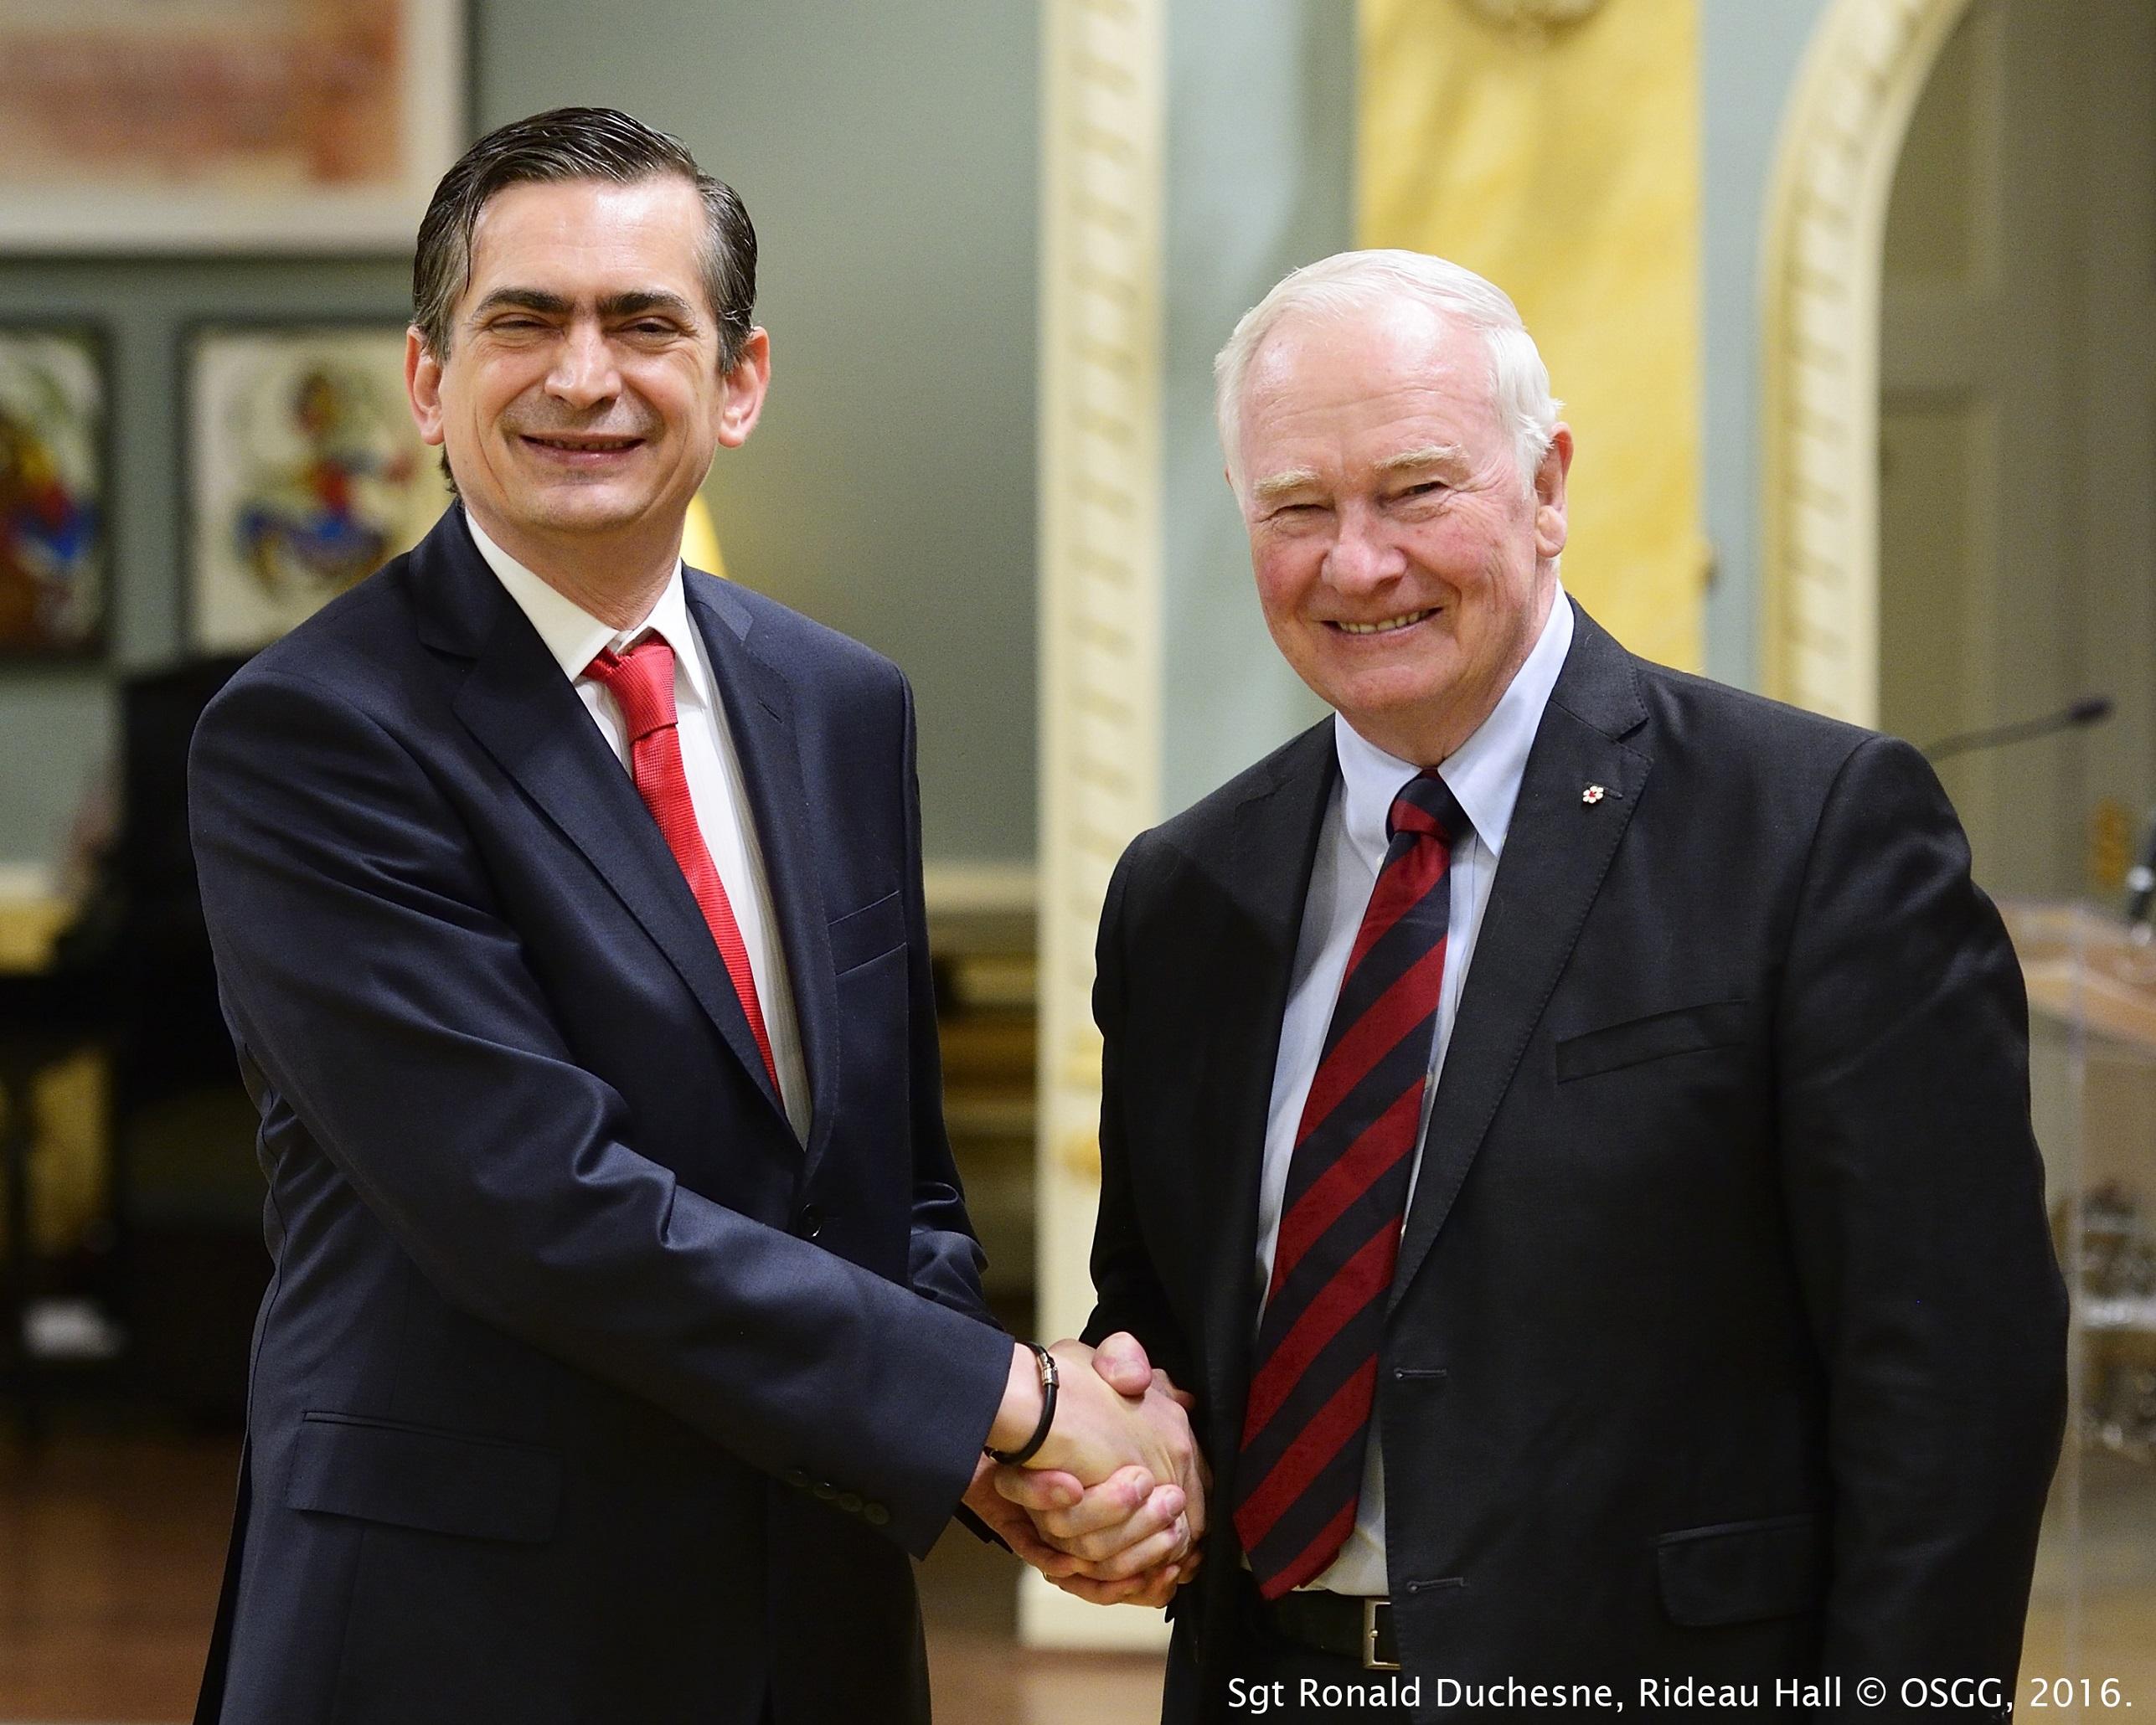 FOTO Embajador Agustin Garcia Lopez Loaeza y el Gobernador General de Canad   David Johnstonjpg